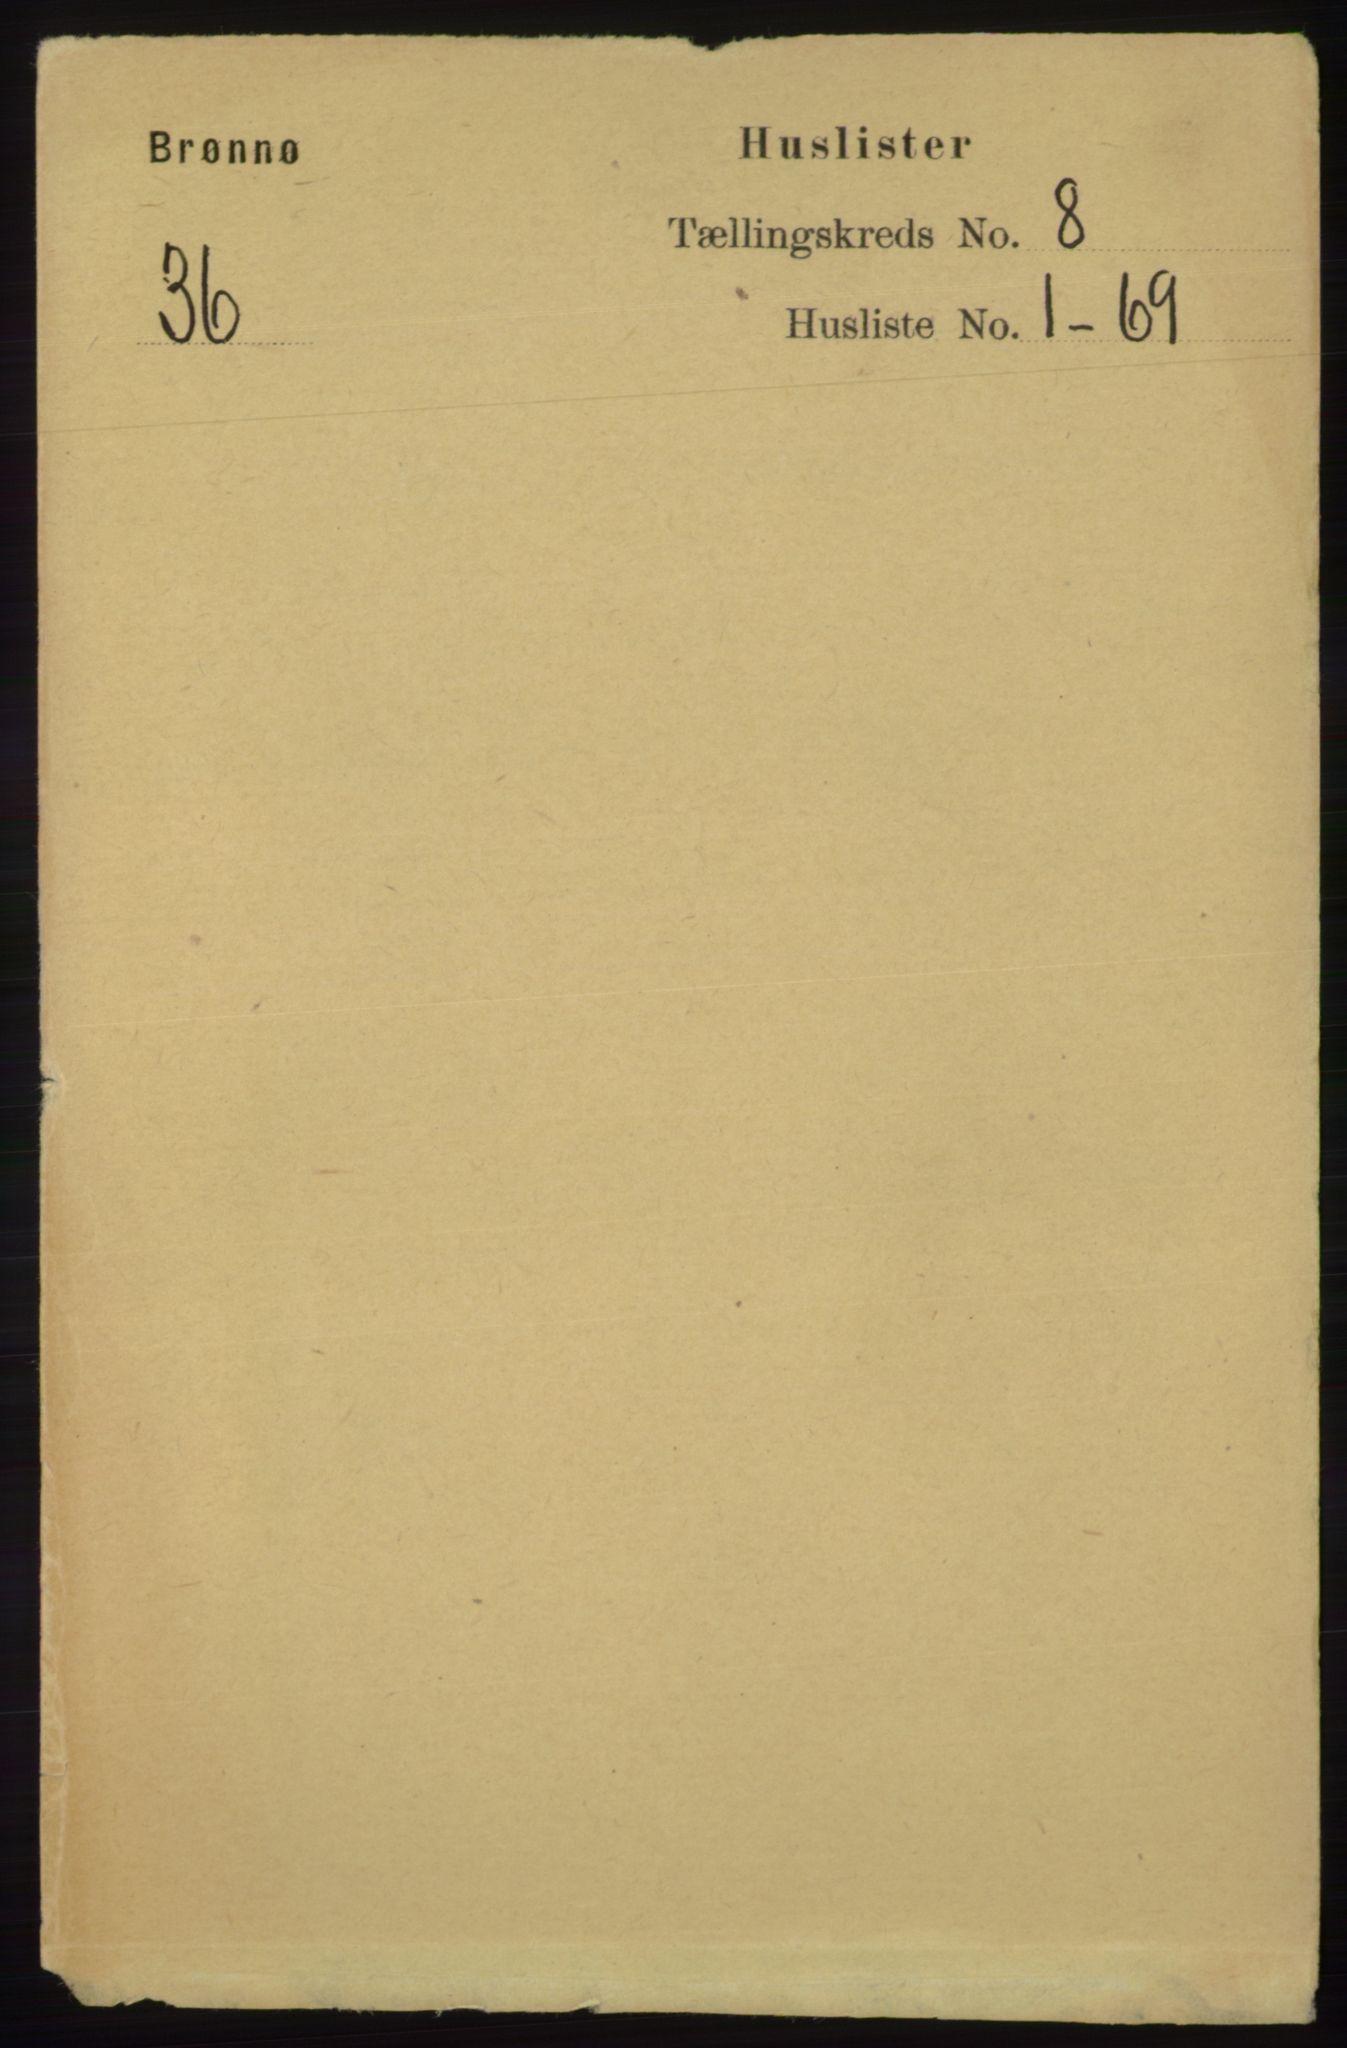 RA, Folketelling 1891 for 1814 Brønnøy herred, 1891, s. 4264